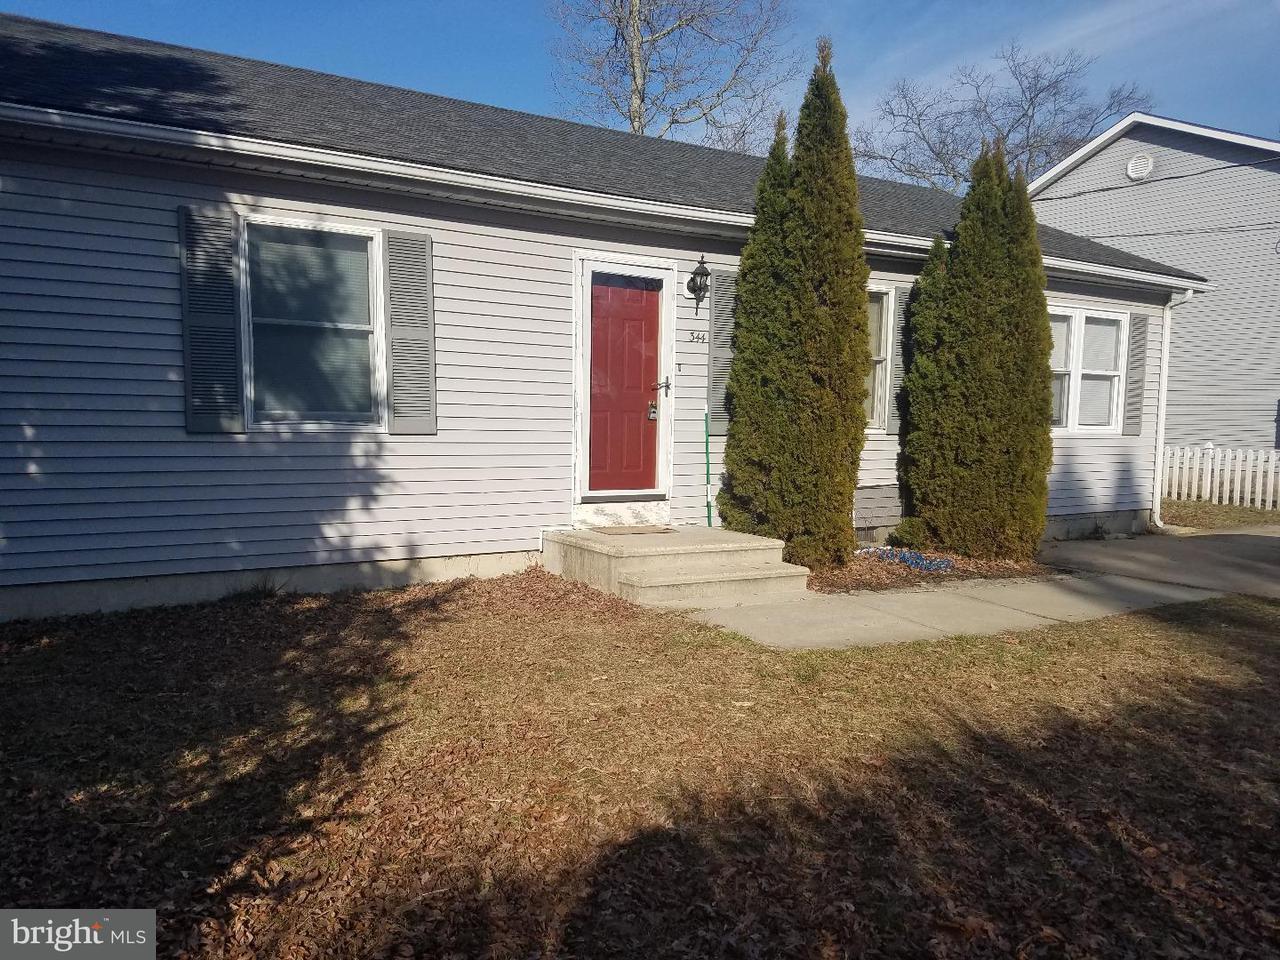 独户住宅 为 出租 在 344 DOGWOOD Street Browns Mills, 新泽西州 08015 美国